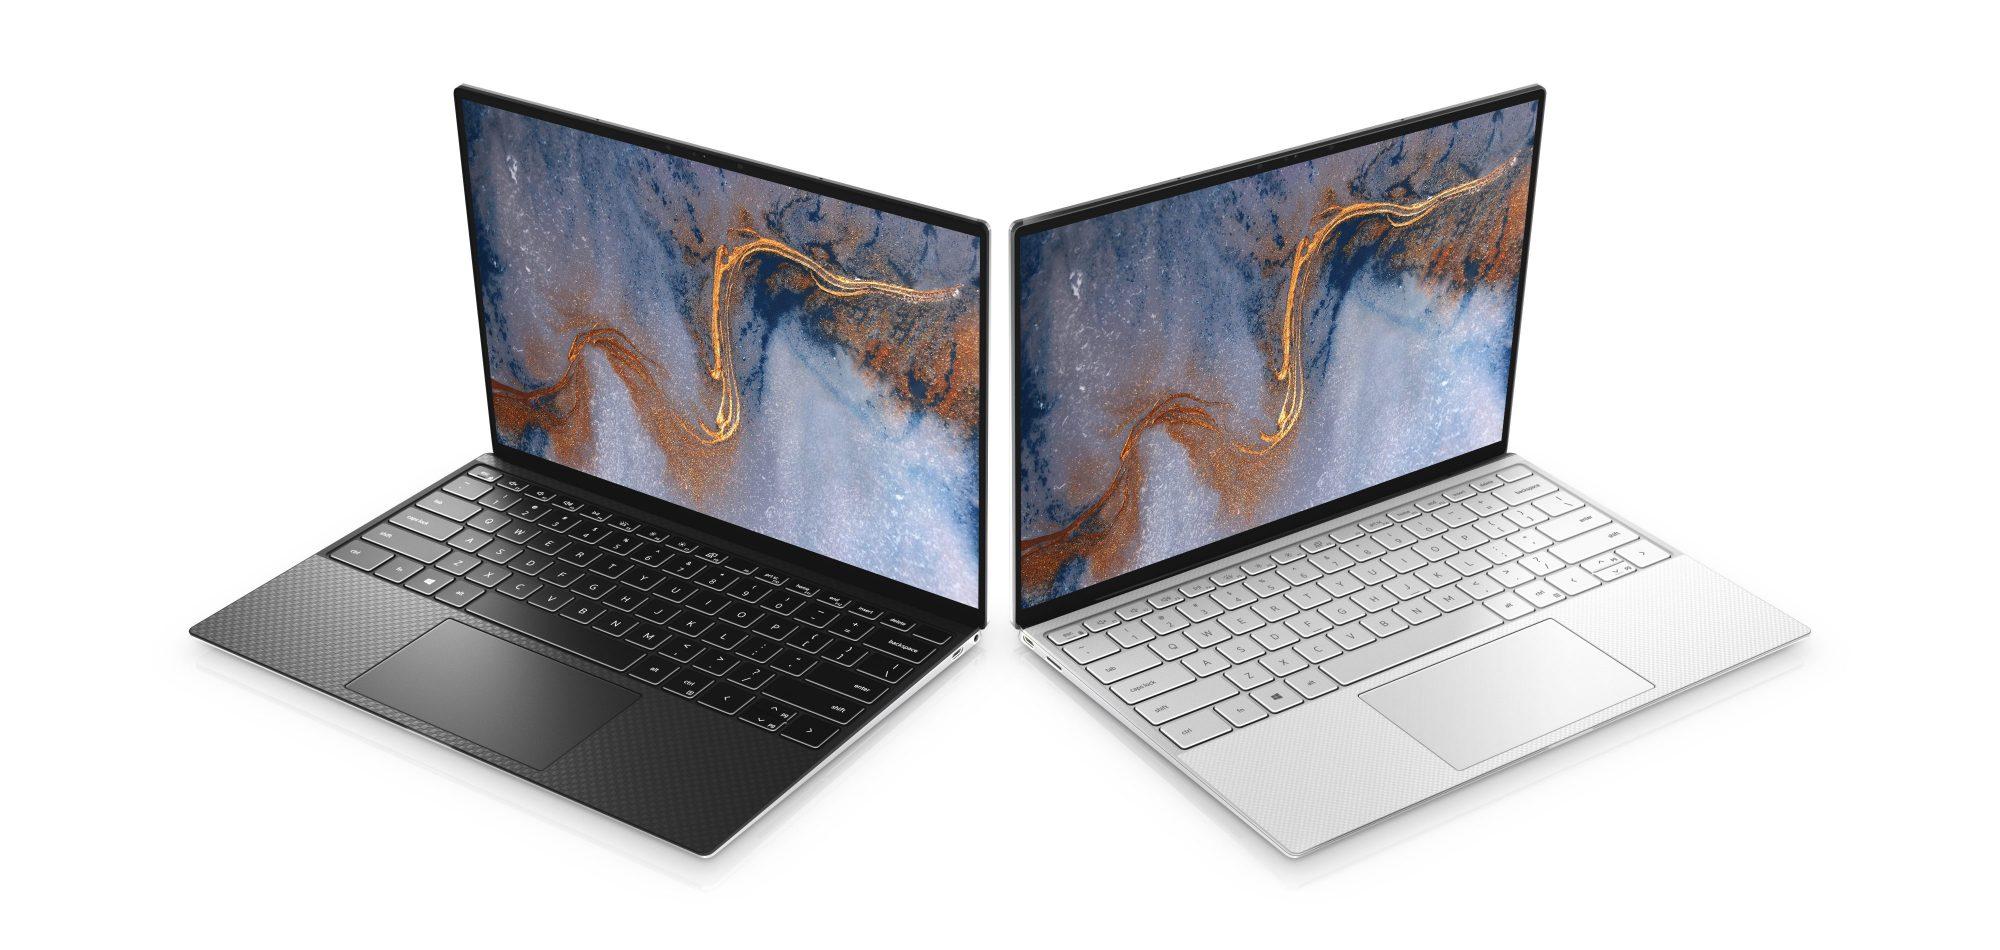 Jak co roku o tej porze: nowy laptop Dell XPS 13. Większy ekran i lepsze podzespoły 28